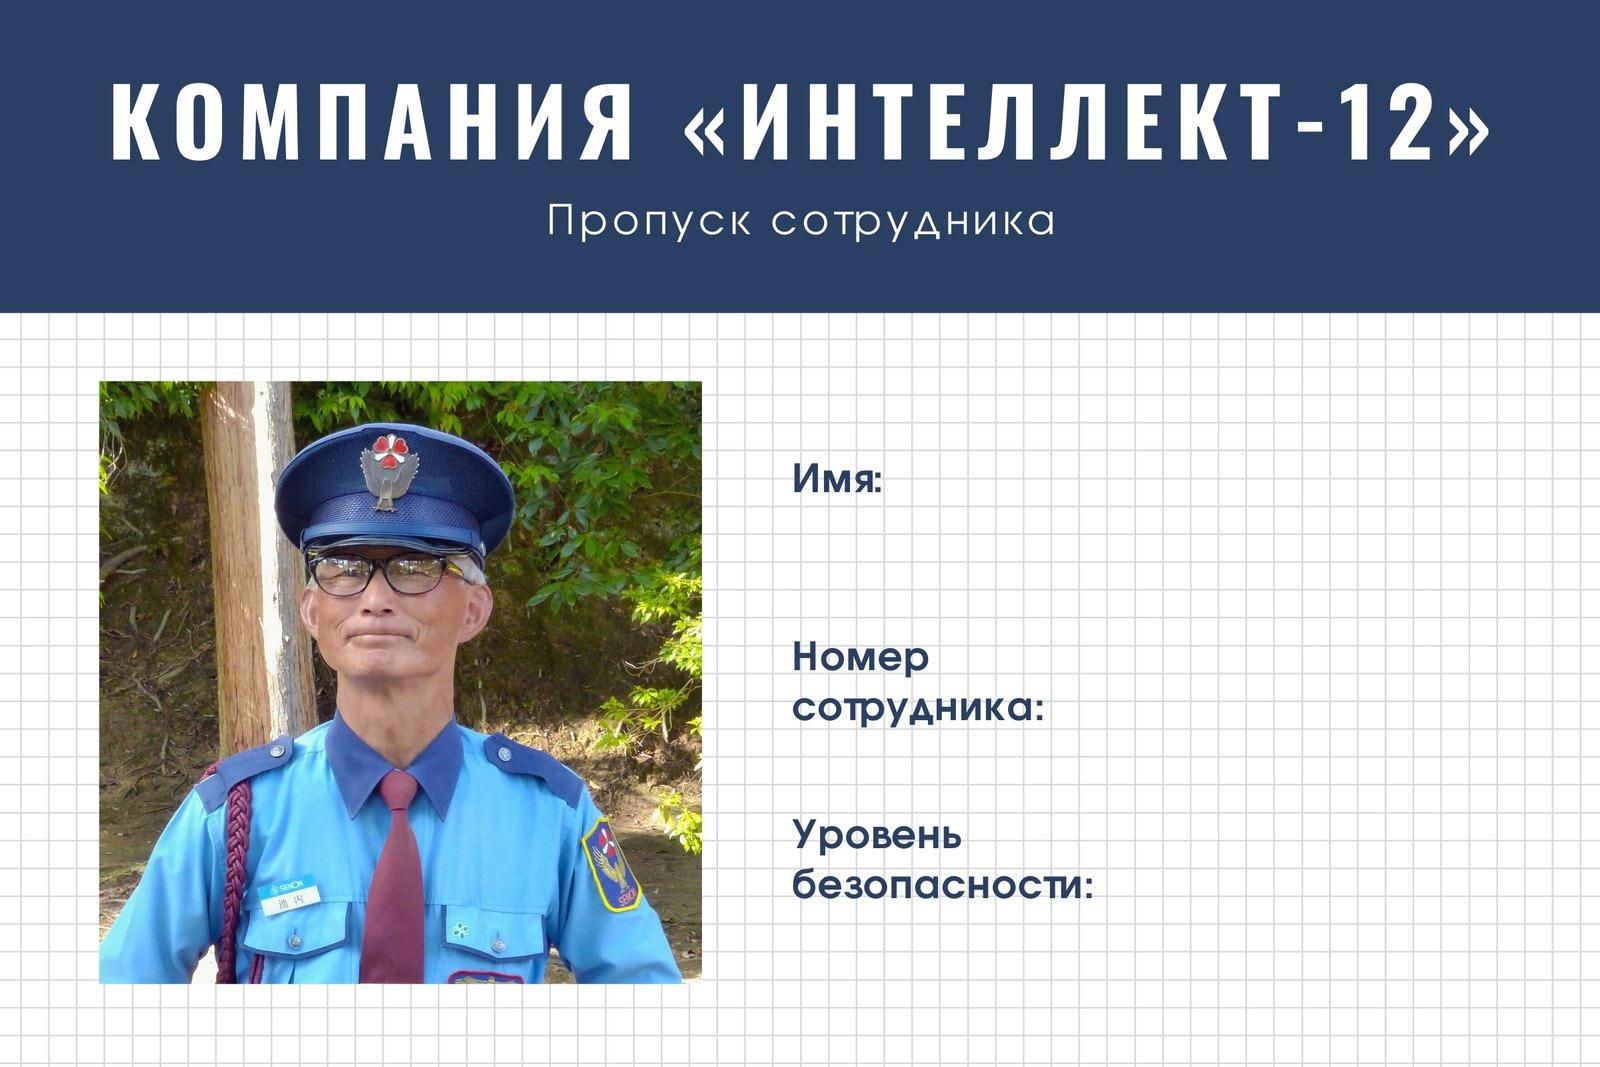 Белый Синий Фотография Простой Безопасность Идентификационная Карта